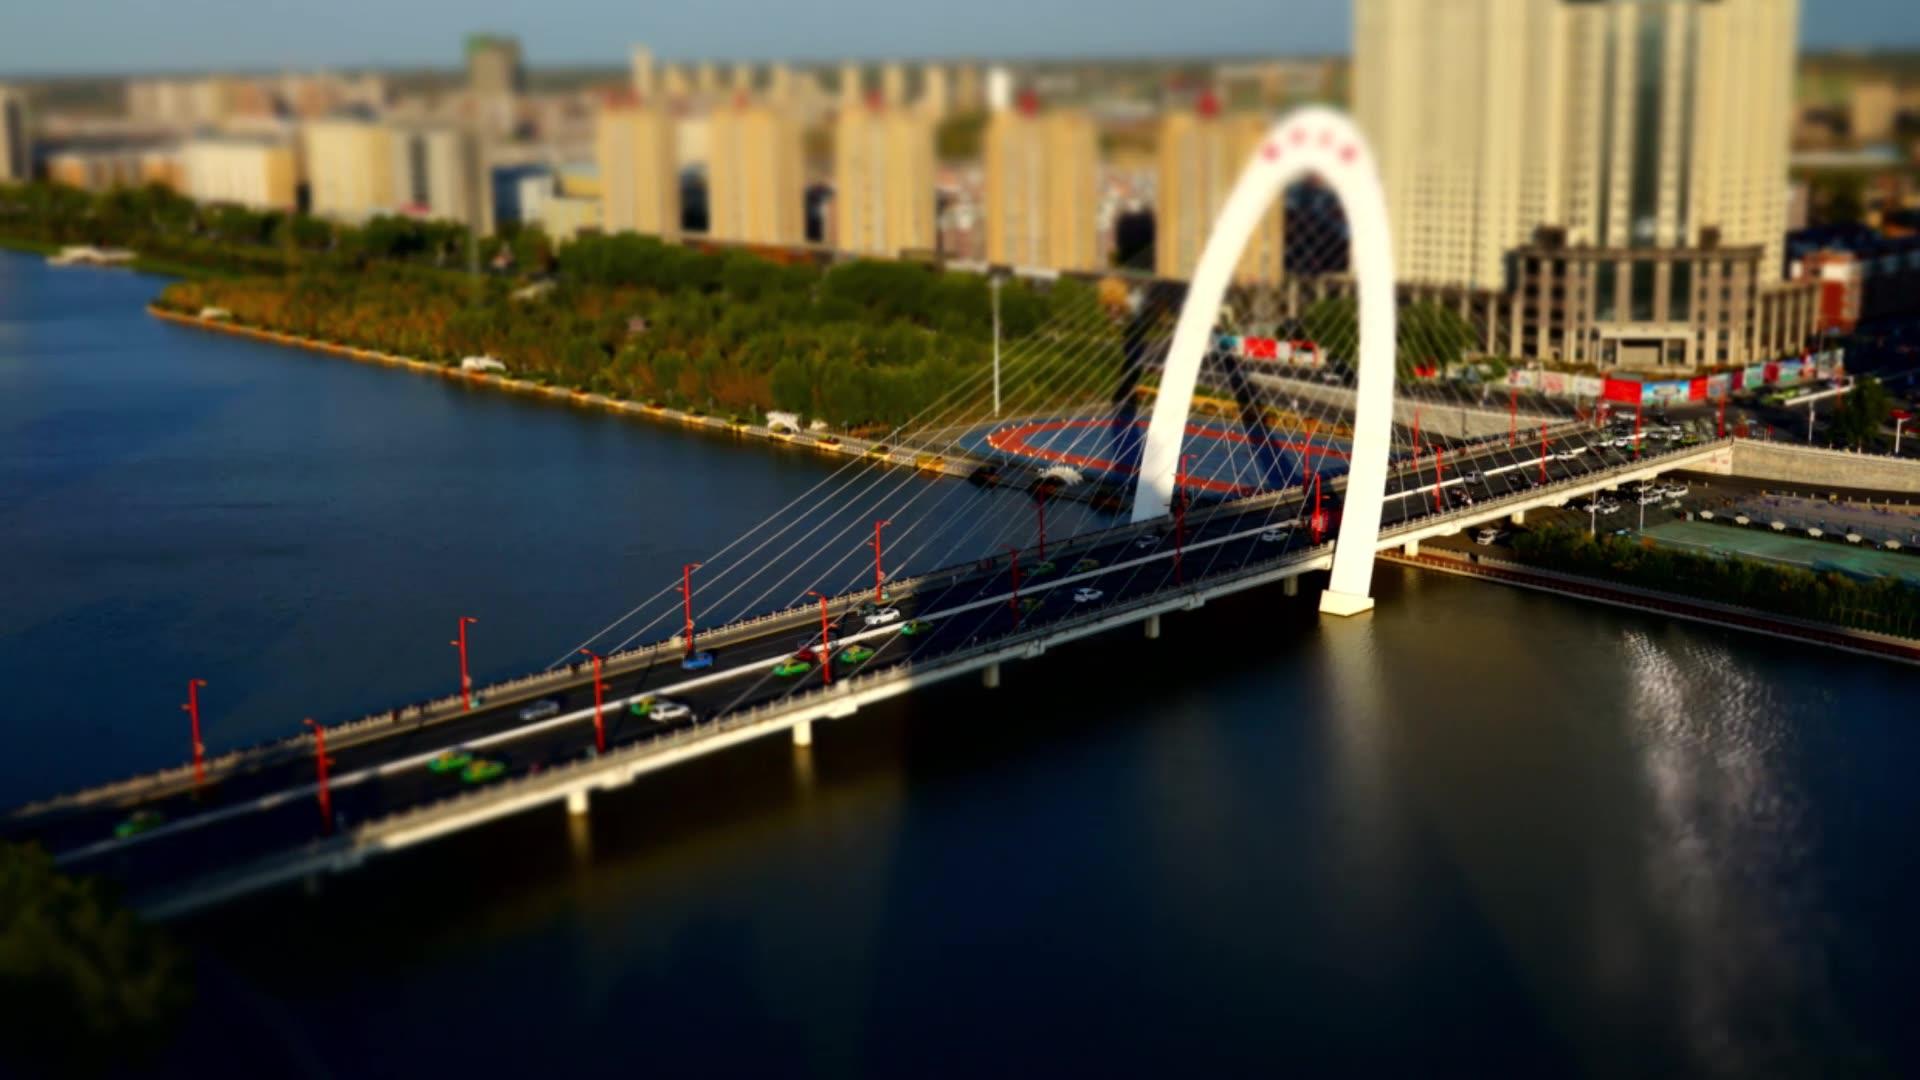 梅河��n��fz��.h�{�_梅河大桥延时